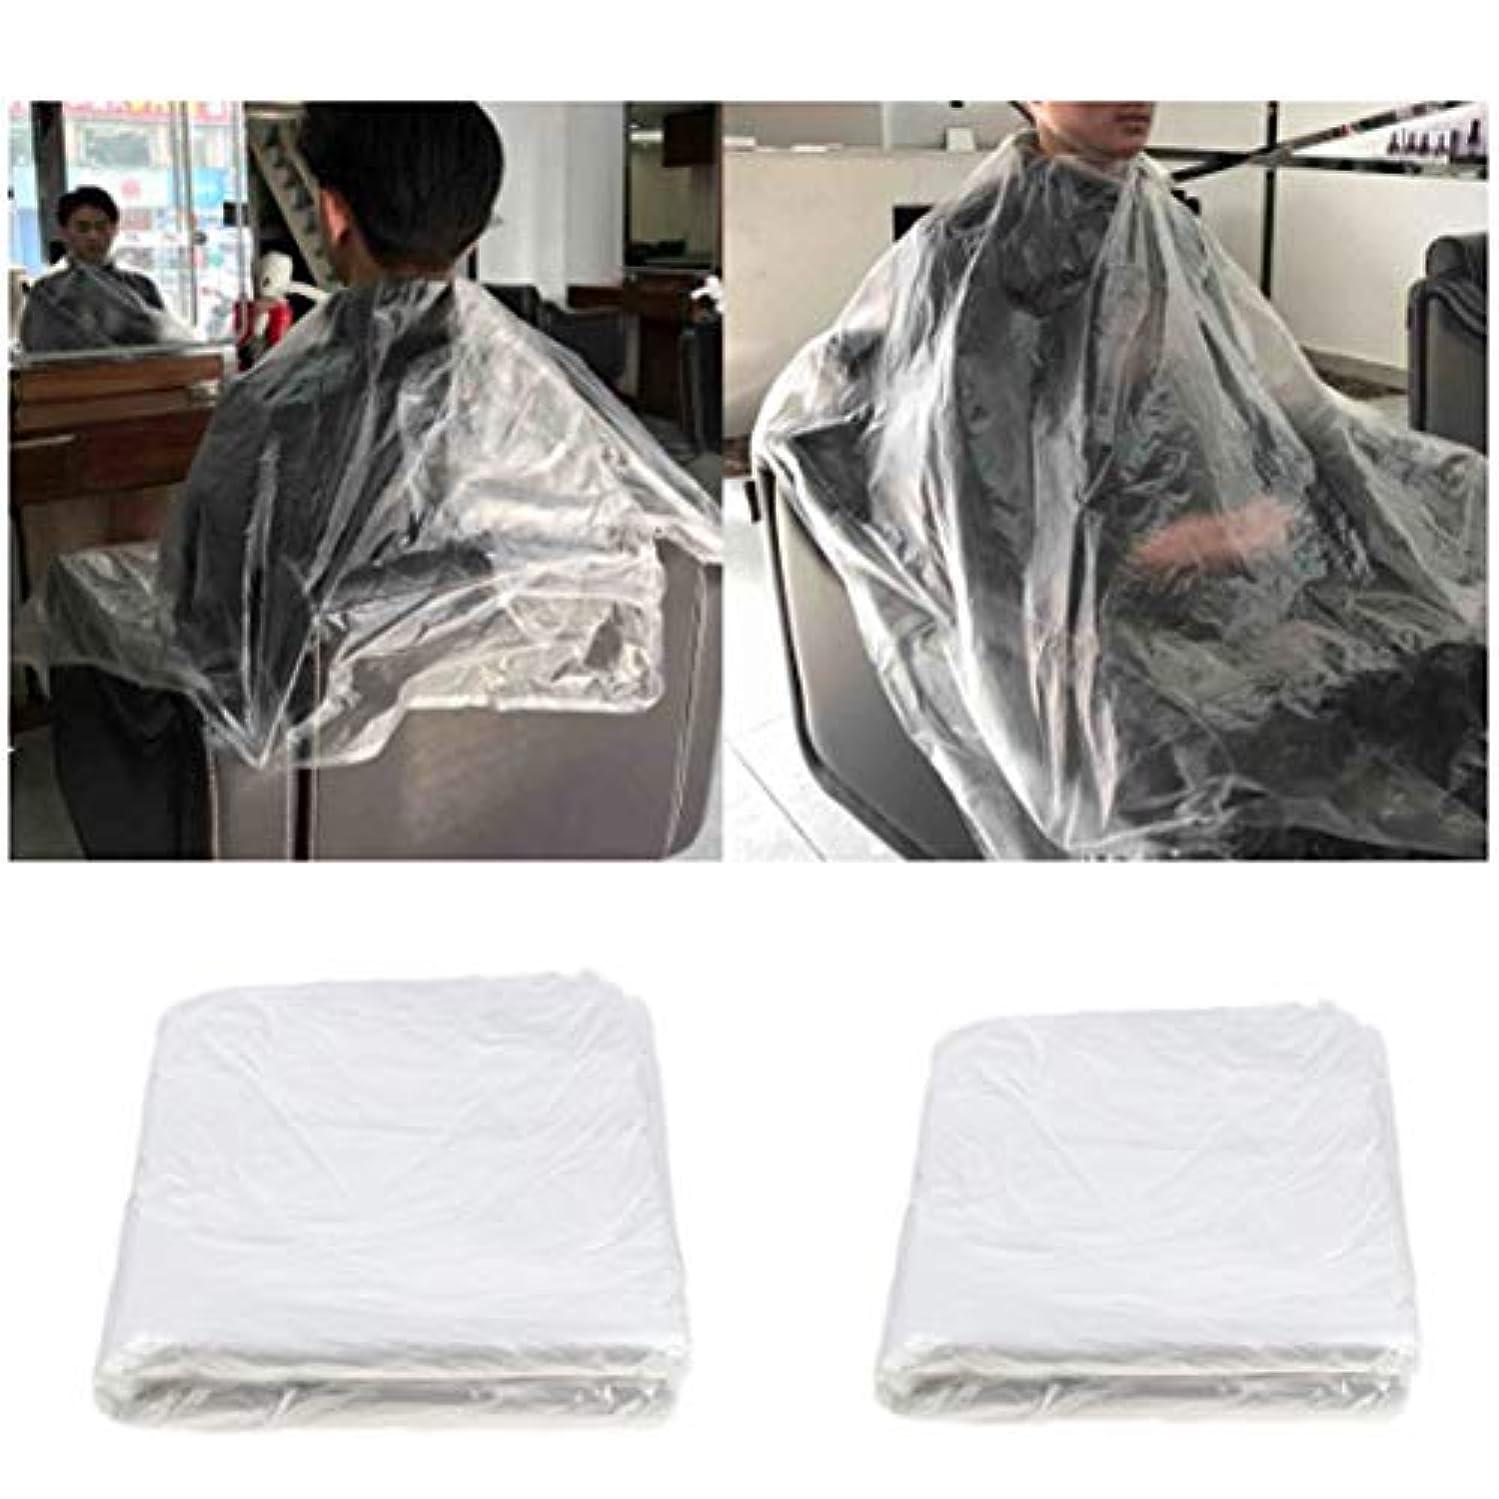 マイク条件付き認める150 x使い捨てケープヘアサロンショールプラスチック防水ヘアトリミングツール110 x 150 cm理髪店または家庭用